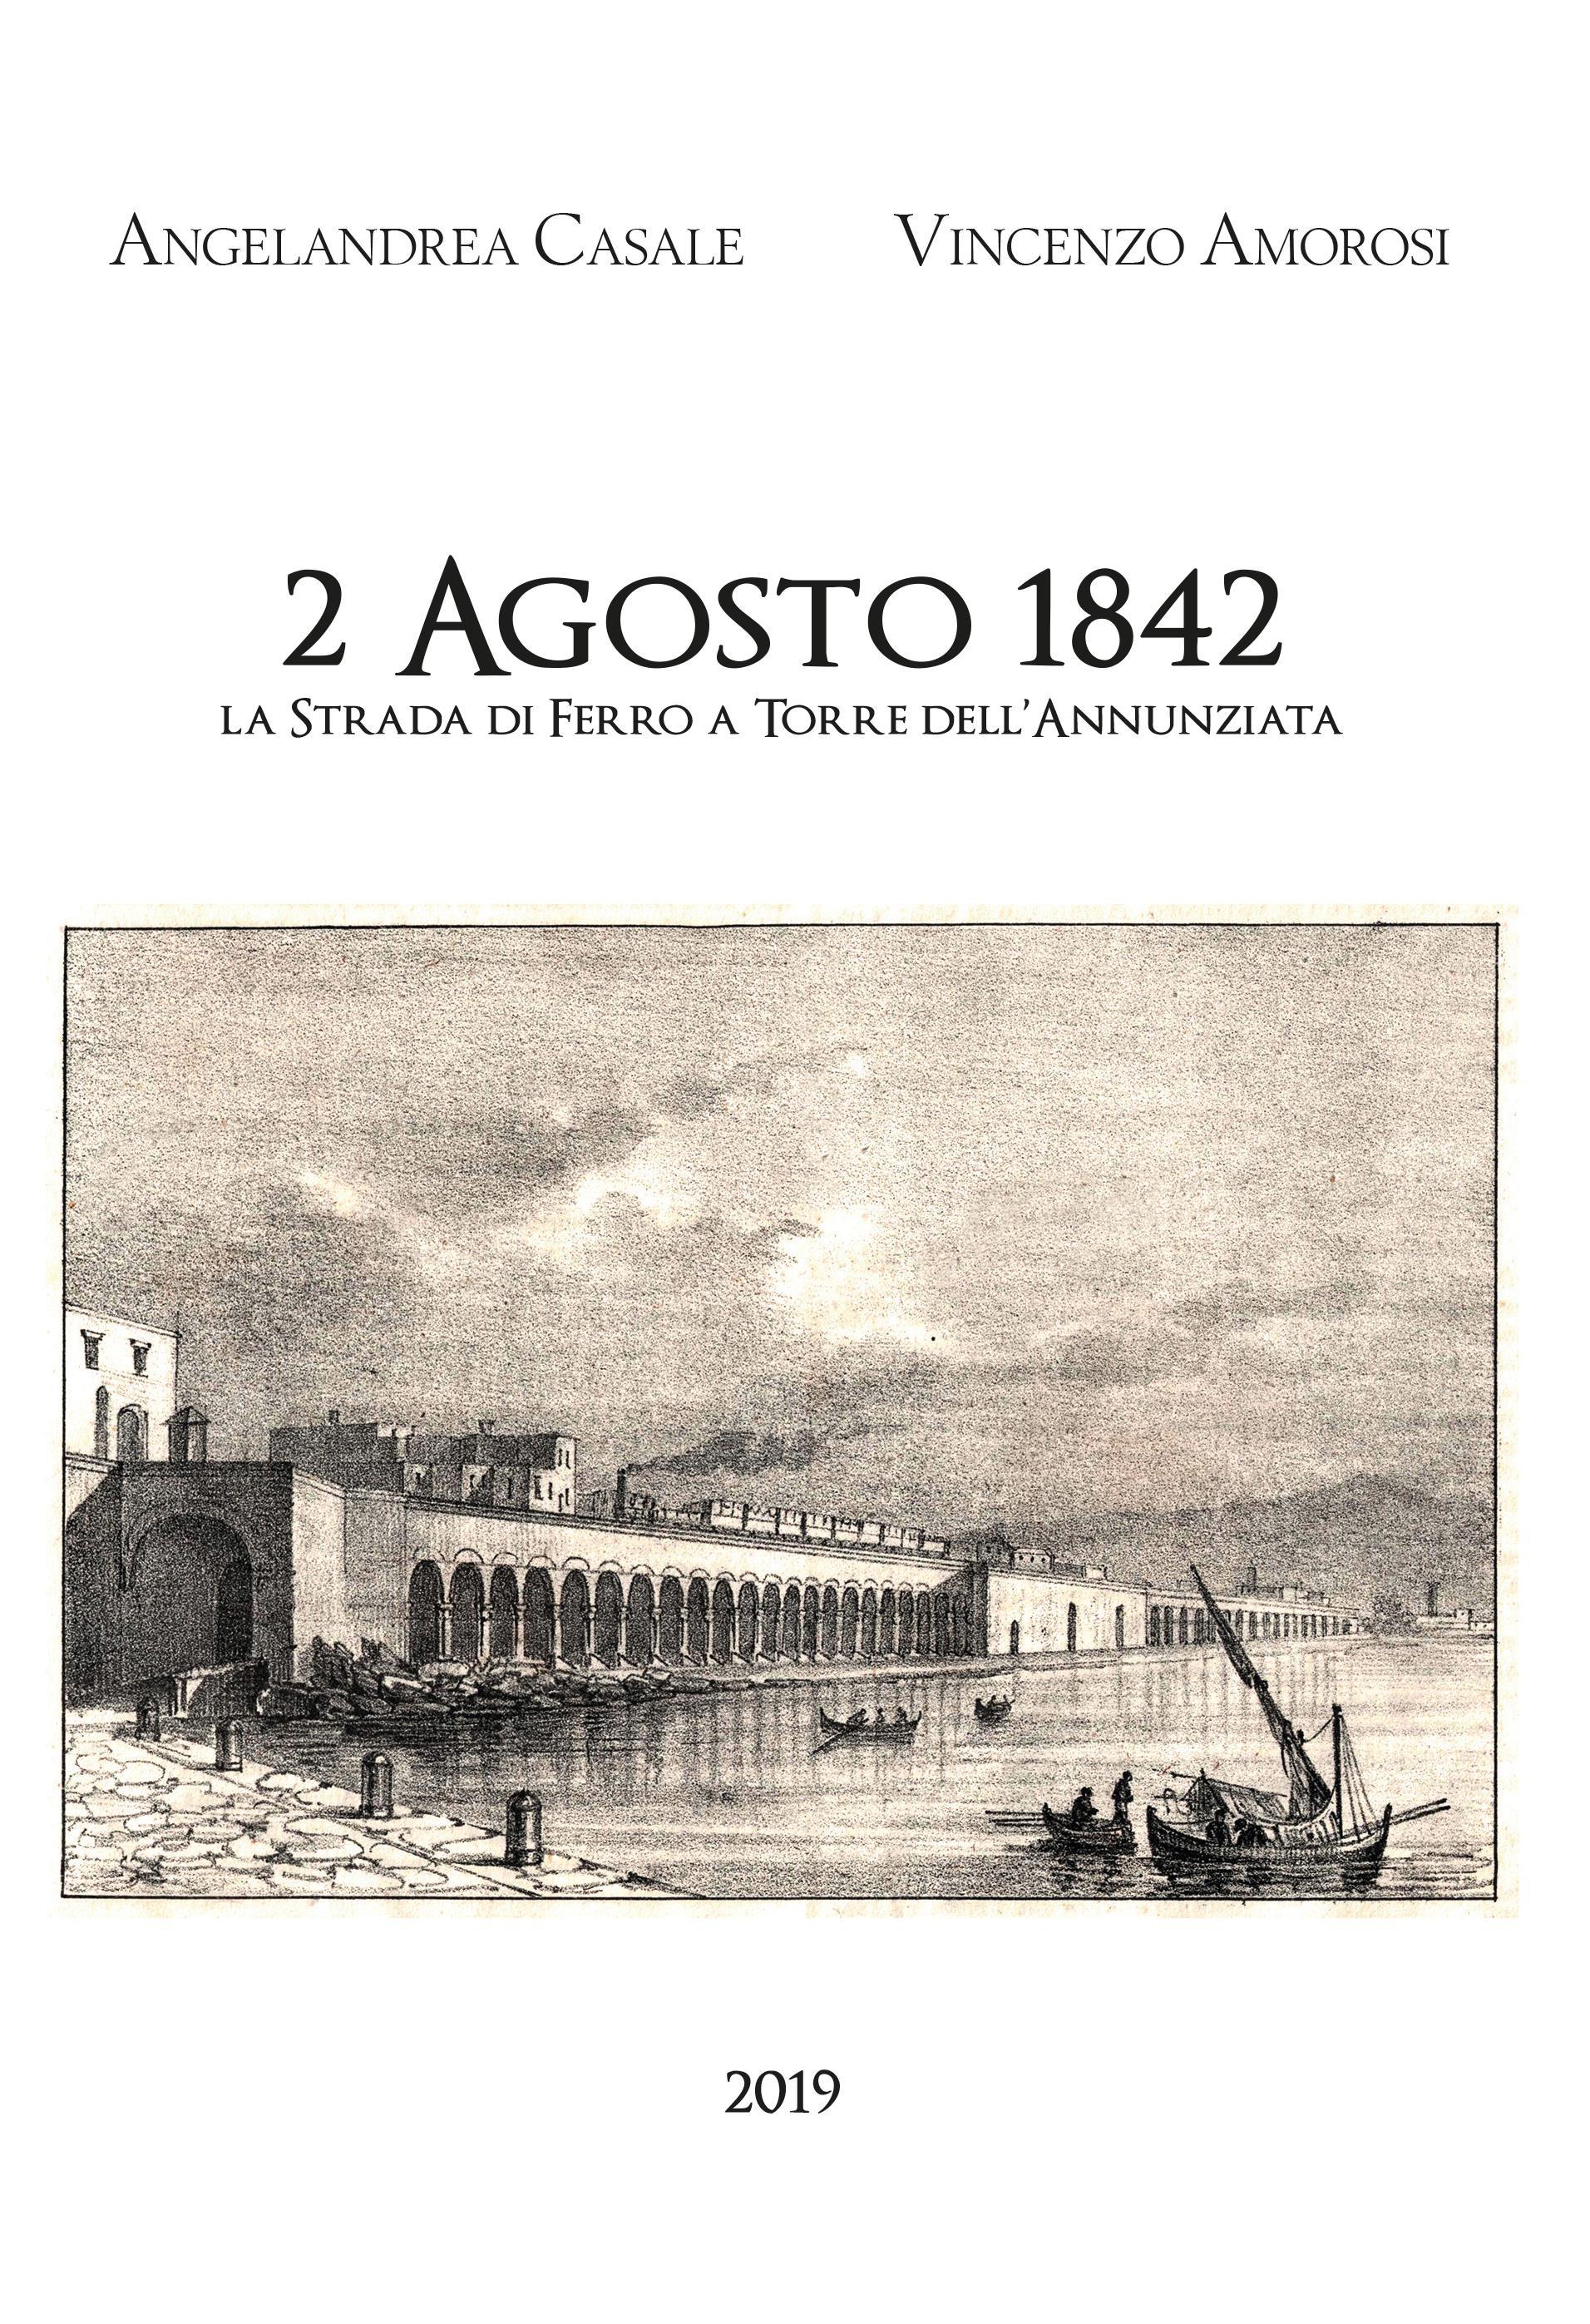 2 Agosto 1842 La Strada di Ferro a Torre dell'Annunziata